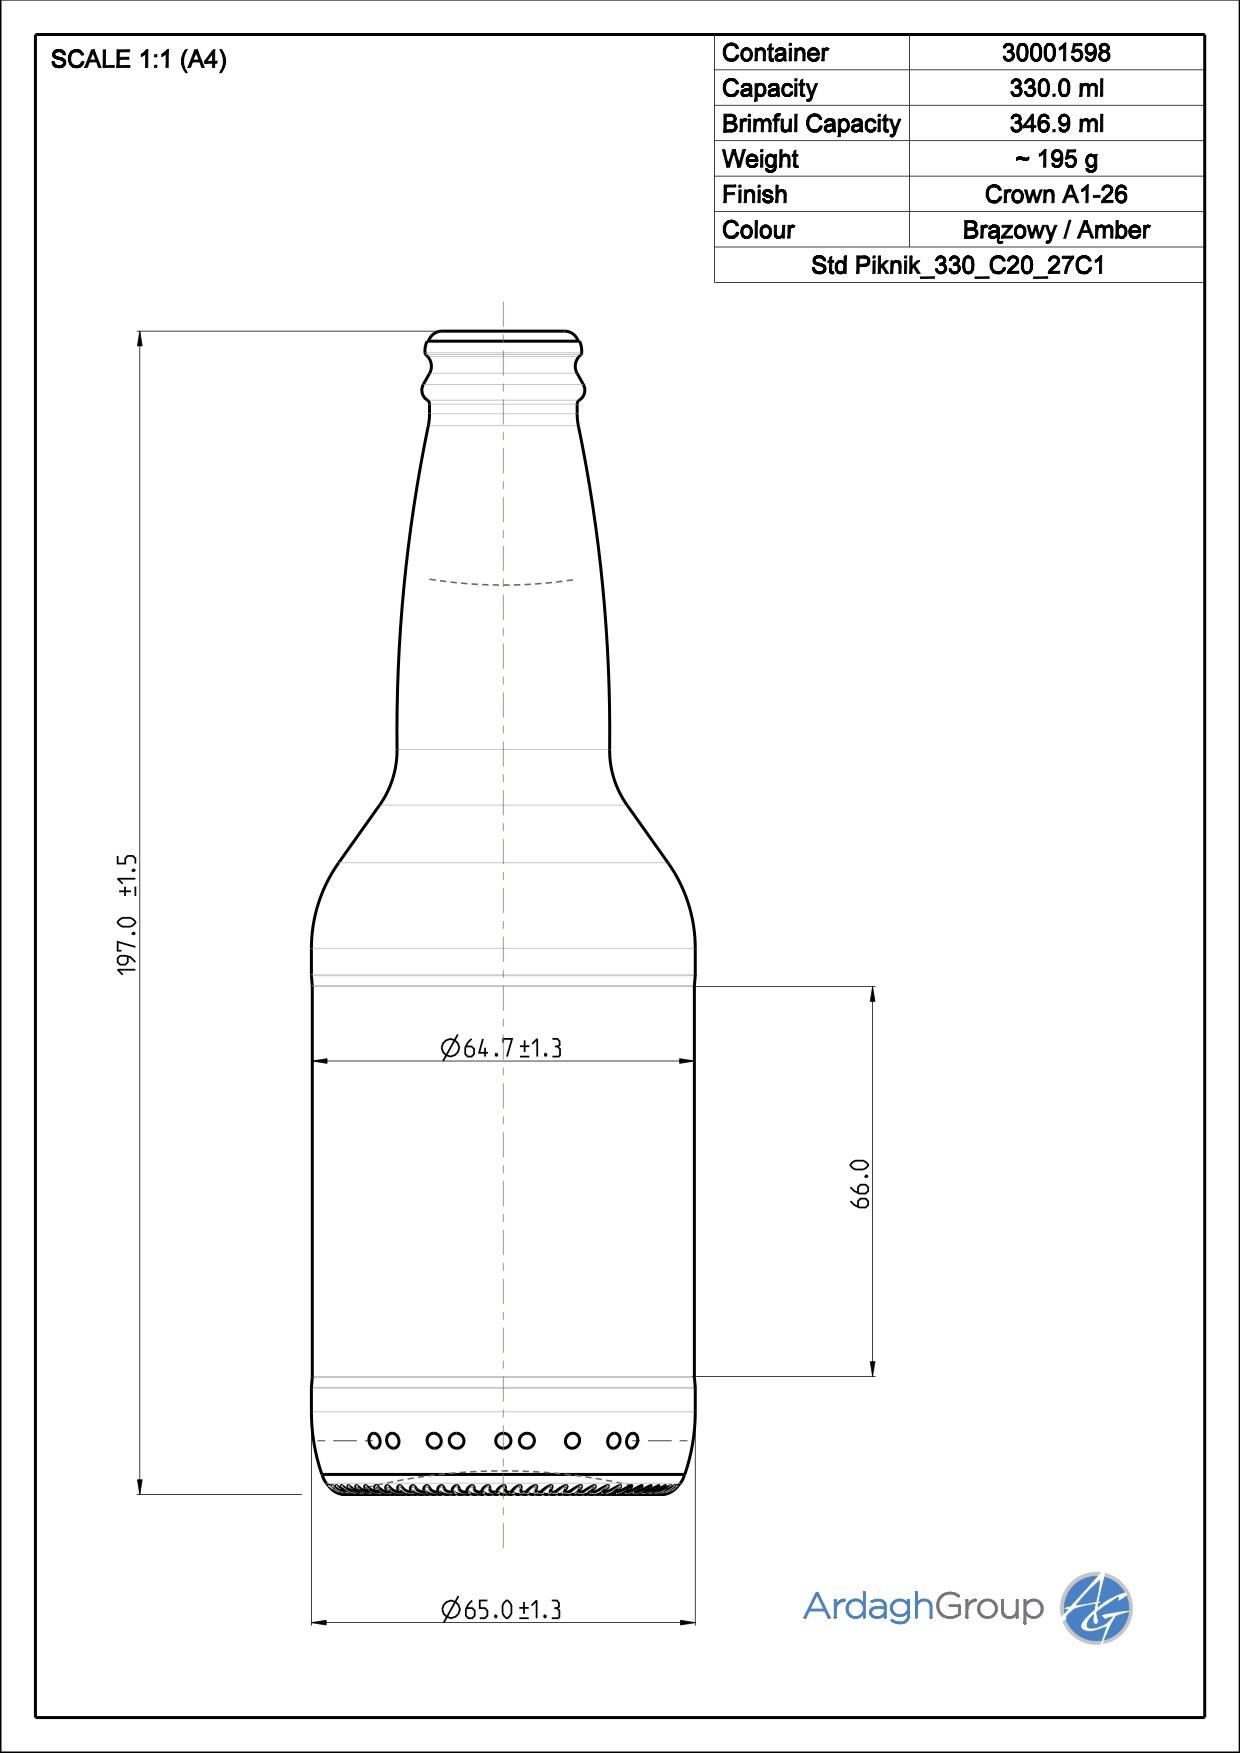 Std-Piknik 330 C20 27C1